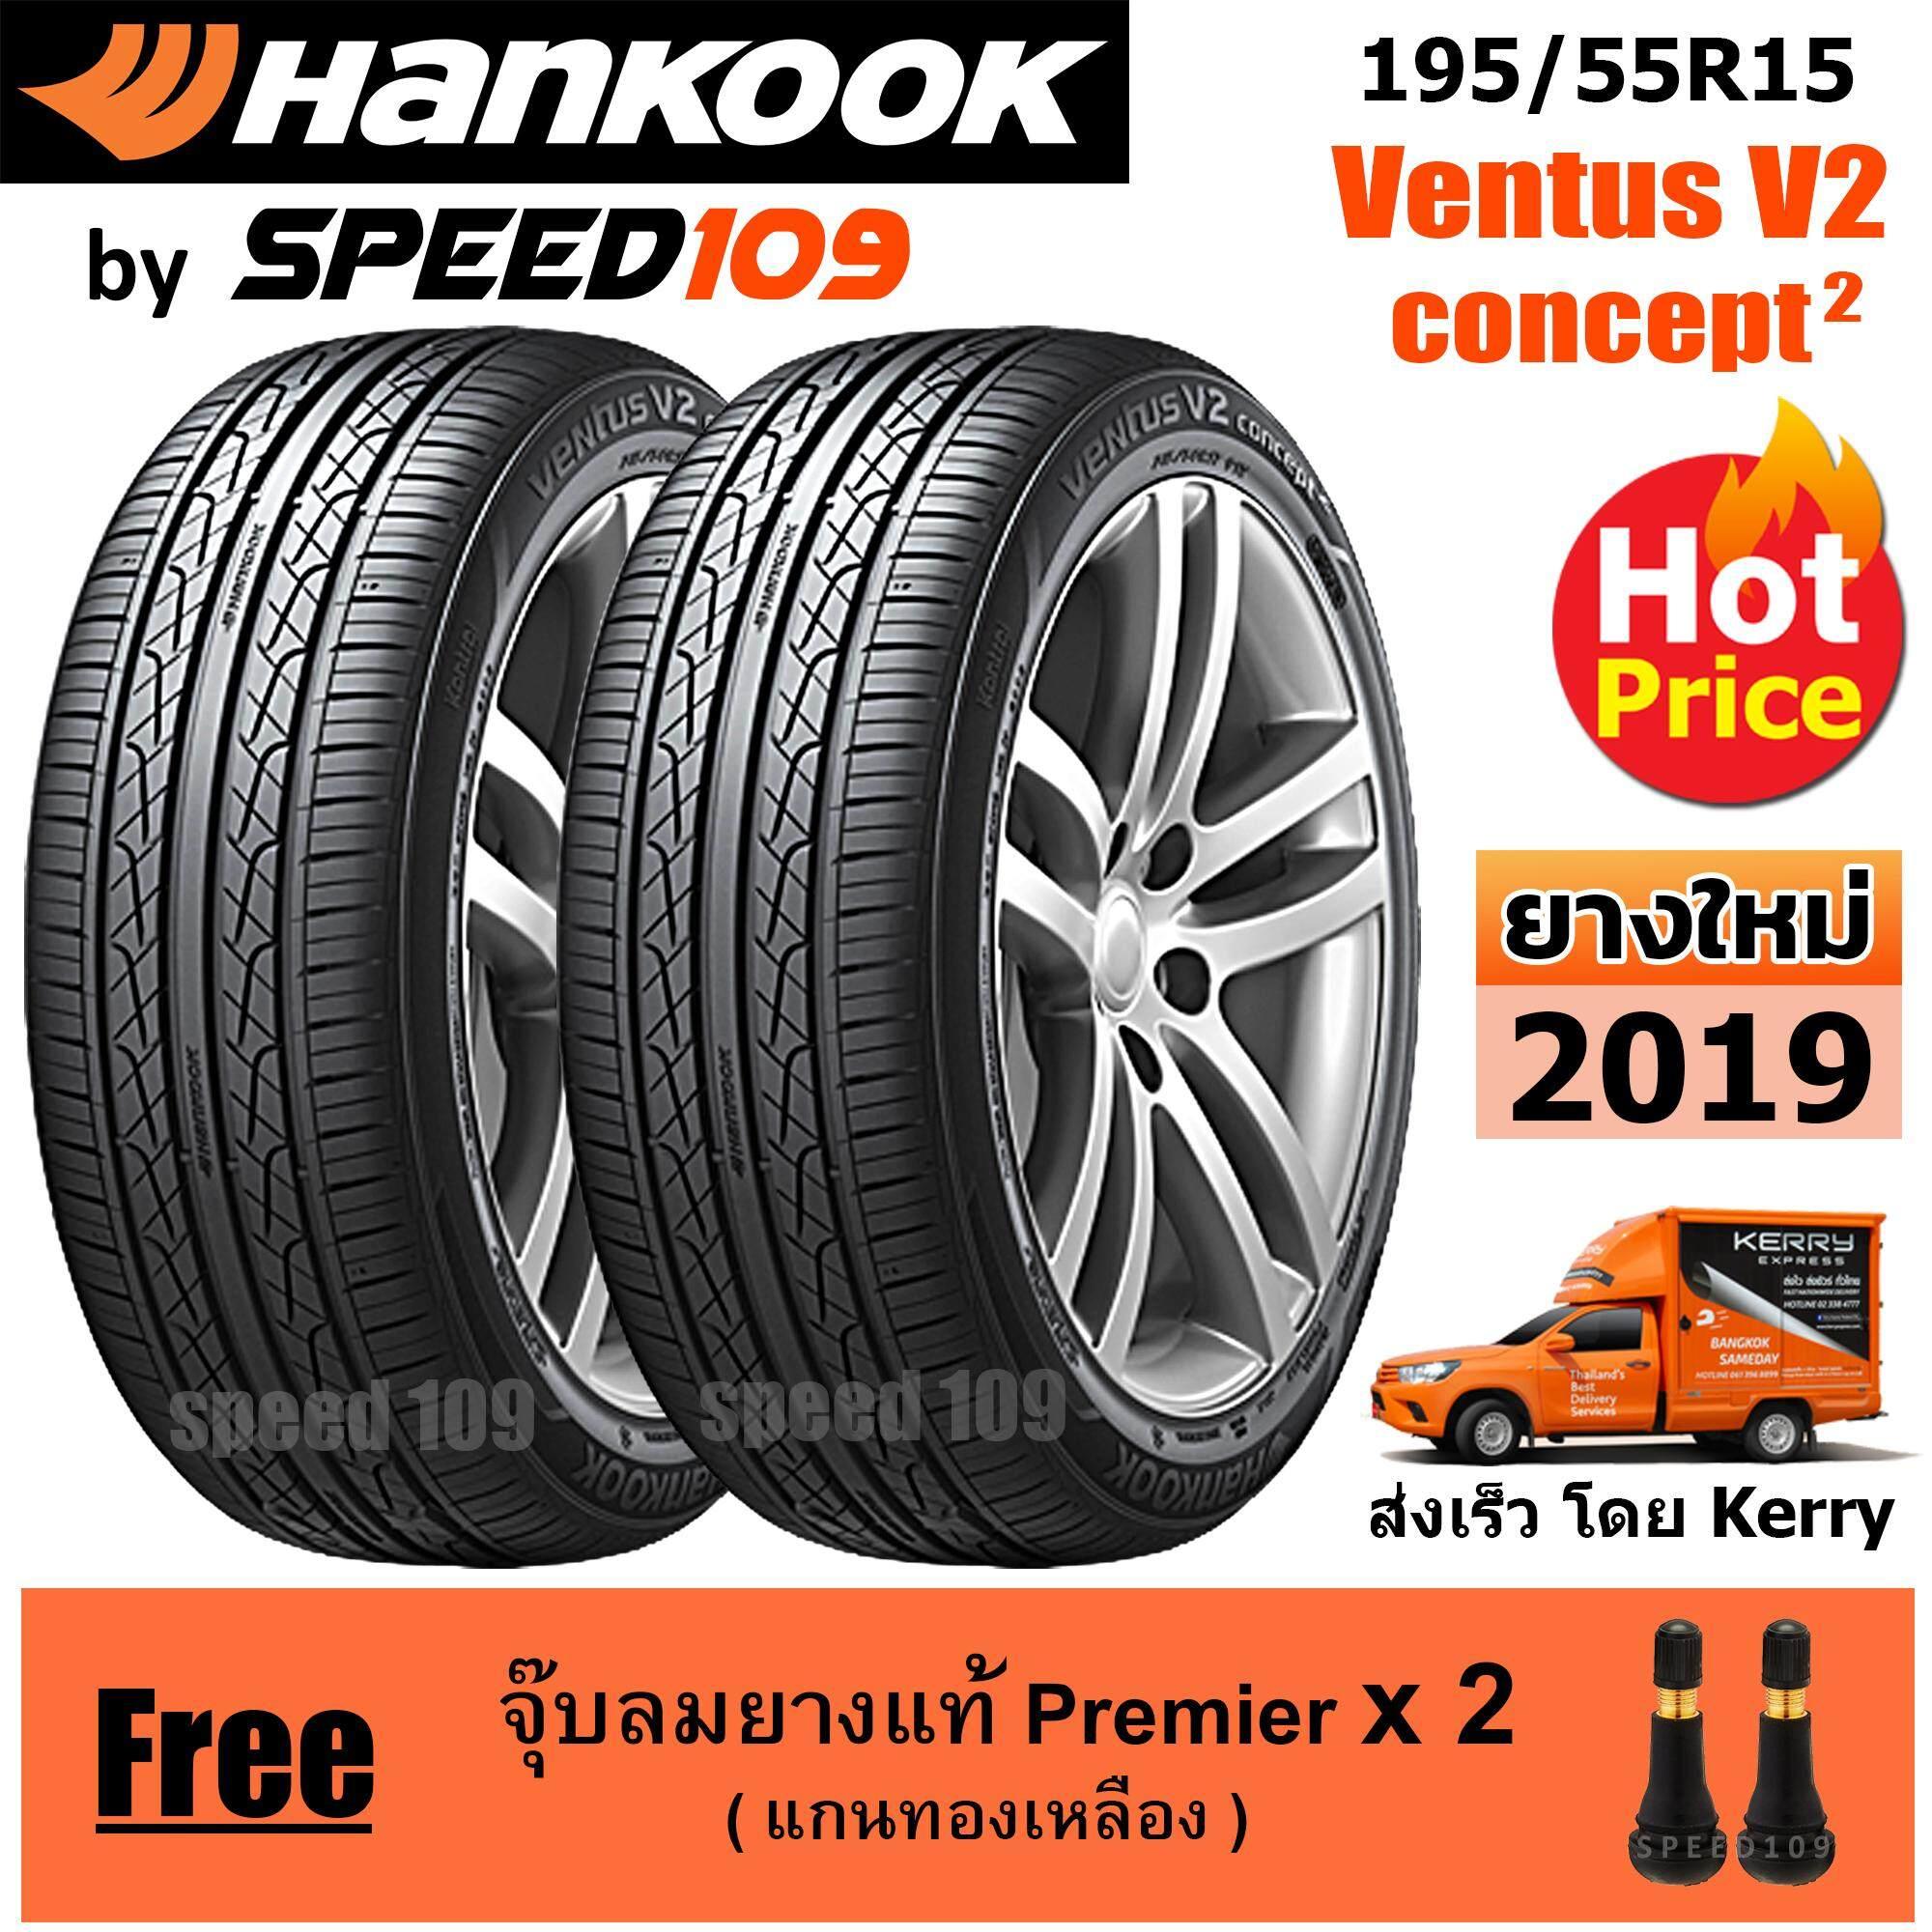 ประกันภัย รถยนต์ แบบ ผ่อน ได้ สุพรรณบุรี HANKOOK ยางรถยนต์ ขอบ 15 ขนาด 195/55R15 รุ่น Ventus V2 Concept2 - 2 เส้น (ปี 2019)